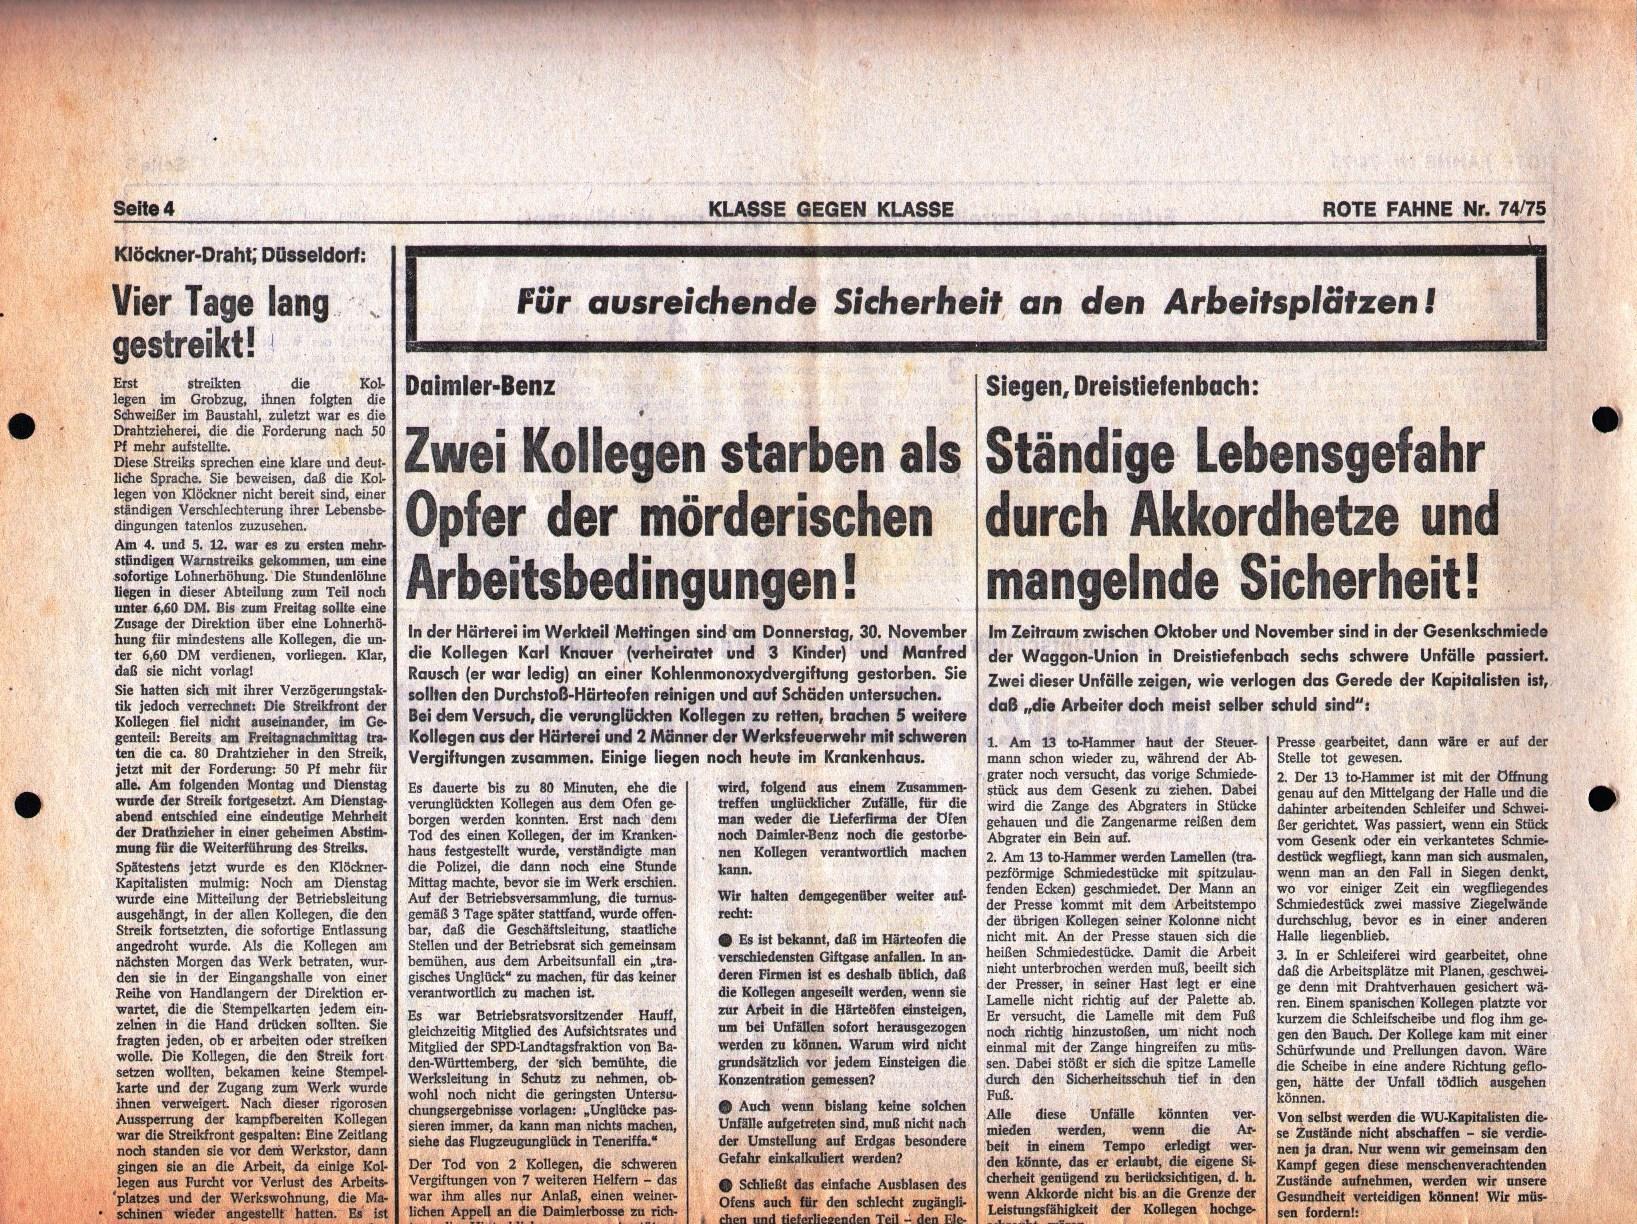 KPD_Rote_Fahne_1972_74_07